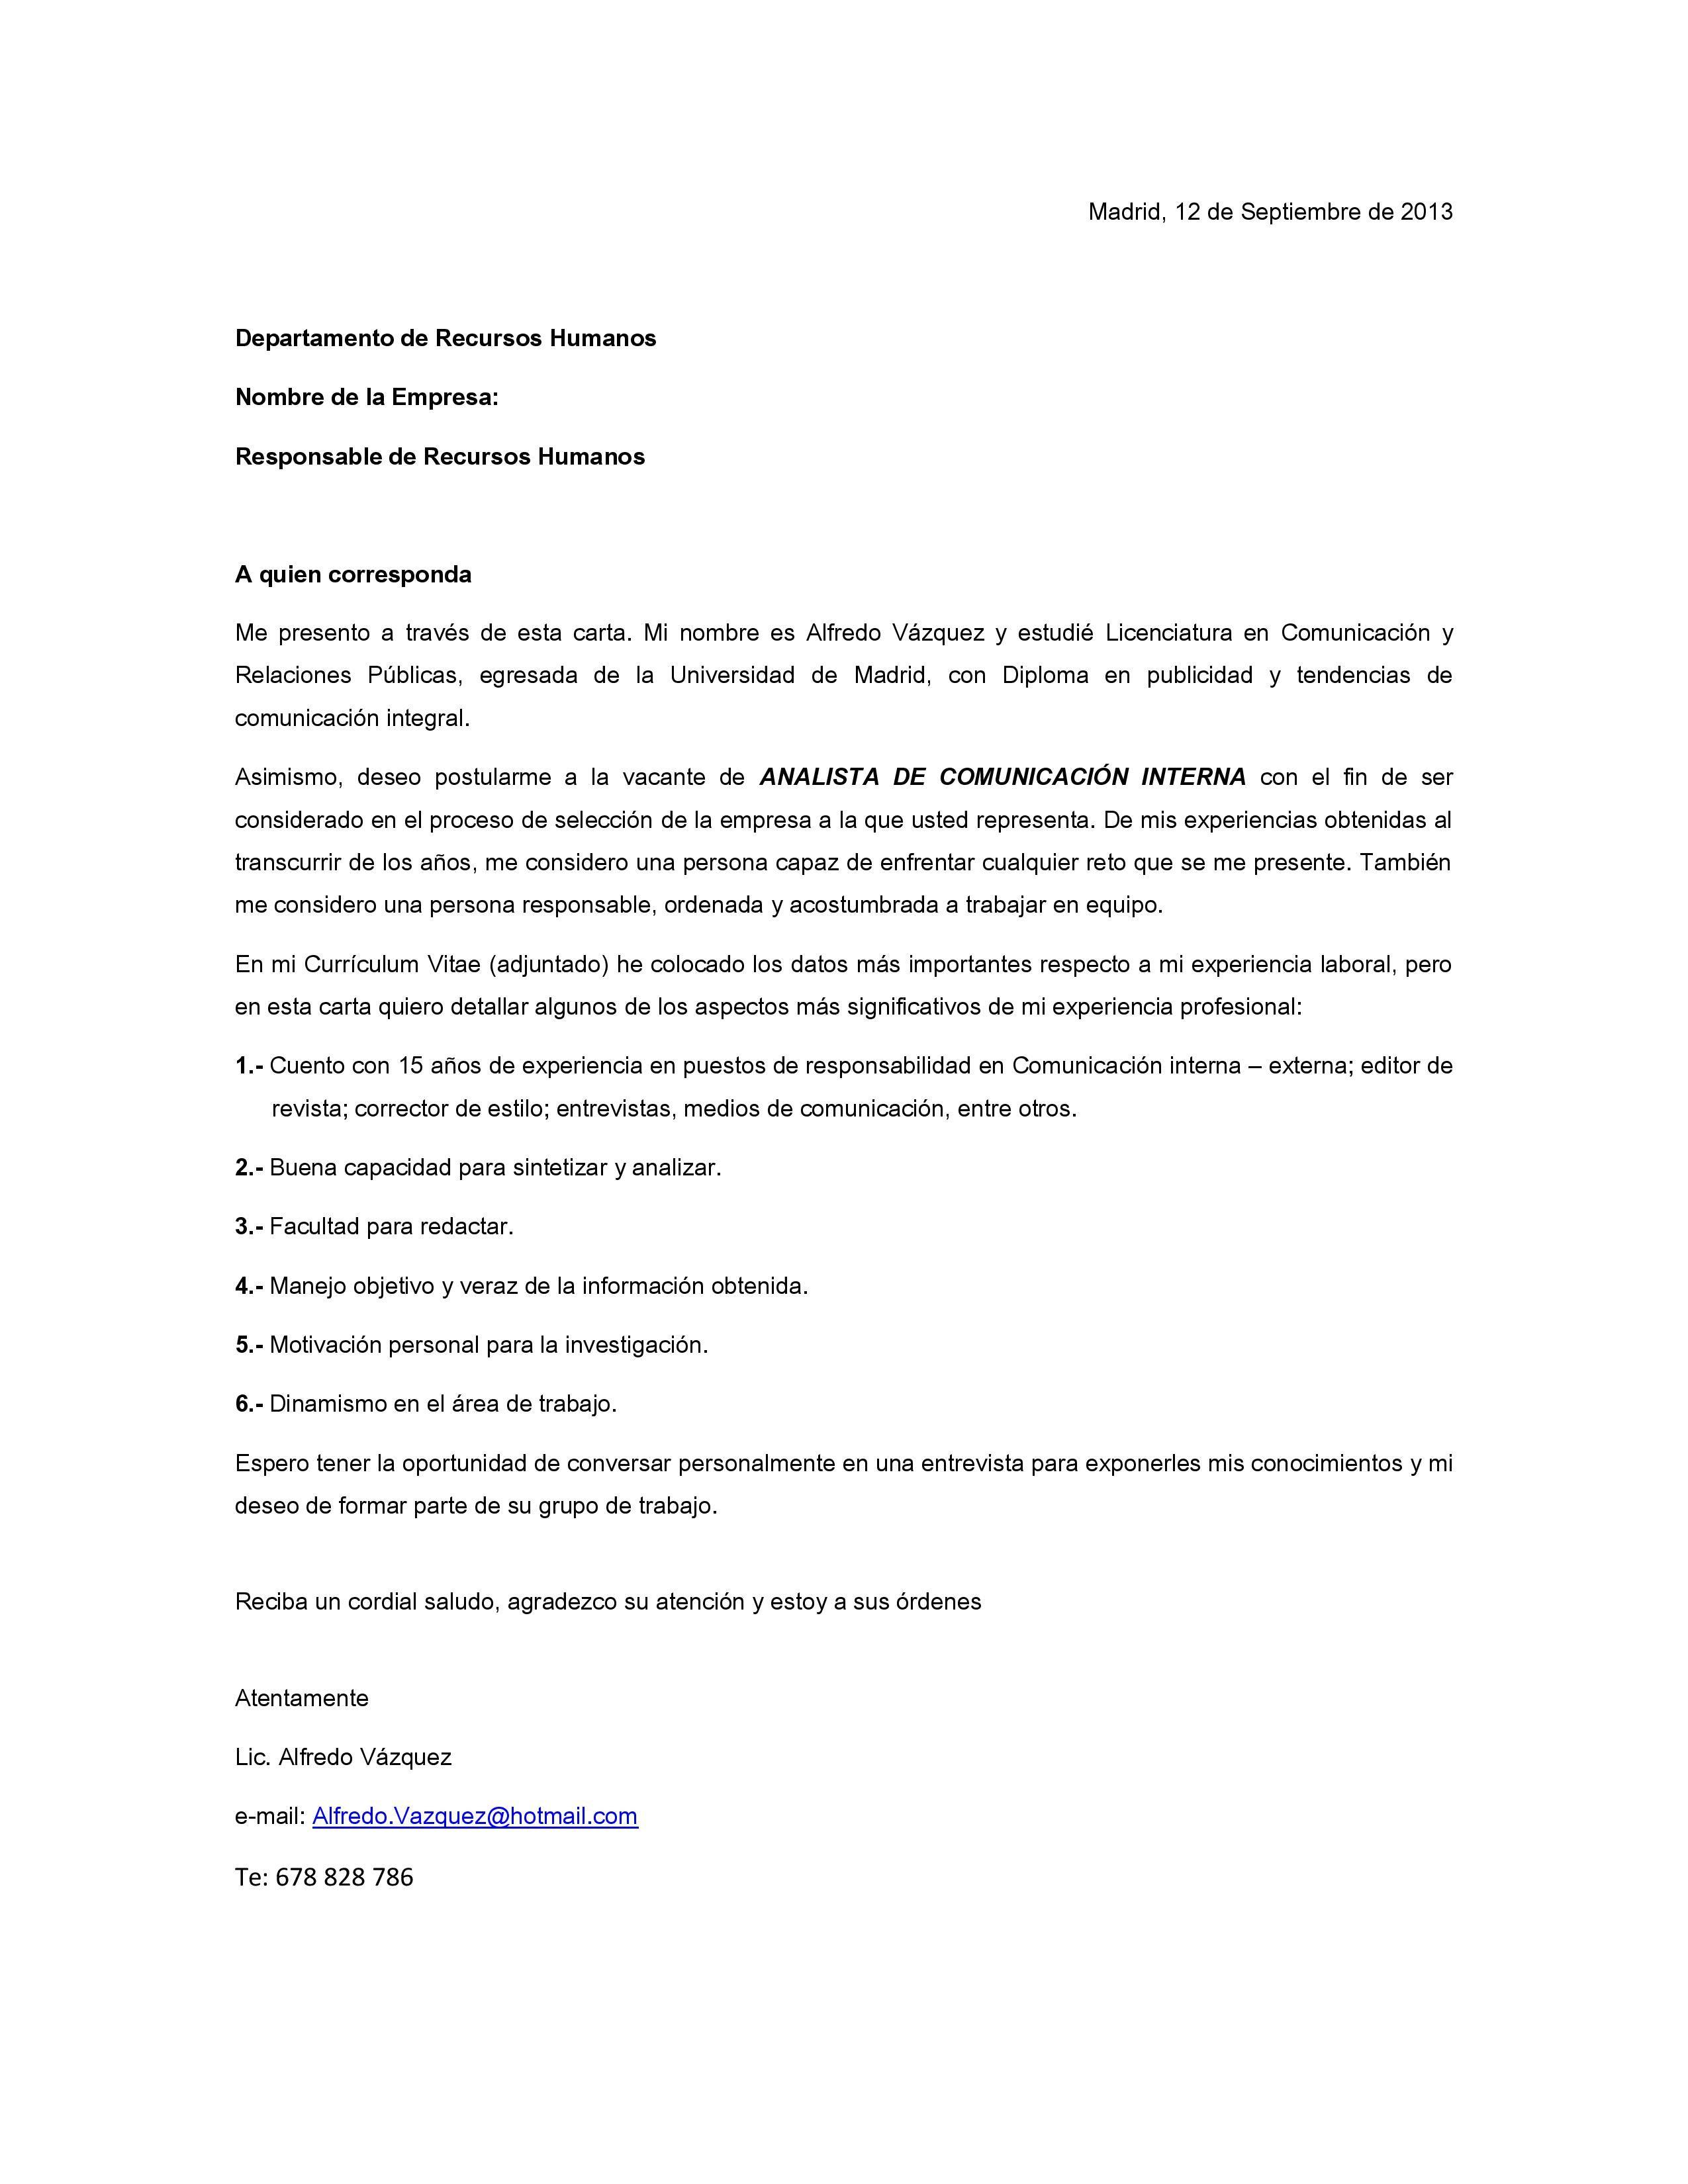 Modelo de carta de presentación 04 | Psicología/Educación ...